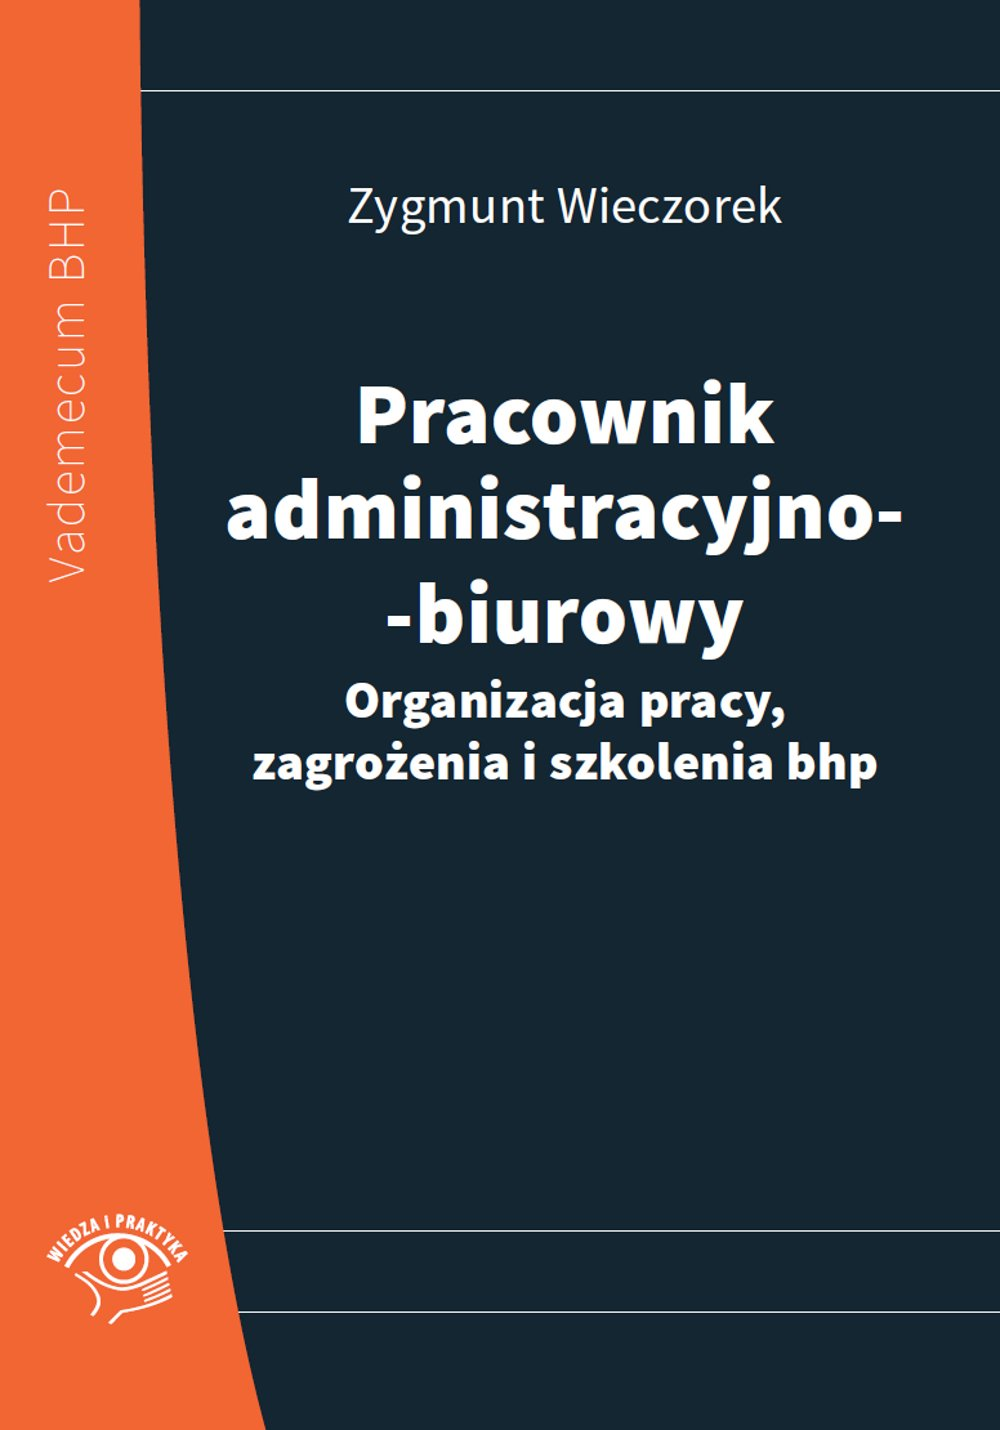 Pracownik administracyjno-biurowy. Organizacja pracy, zagrożenia i szkolenia bhp - Ebook (Książka PDF) do pobrania w formacie PDF